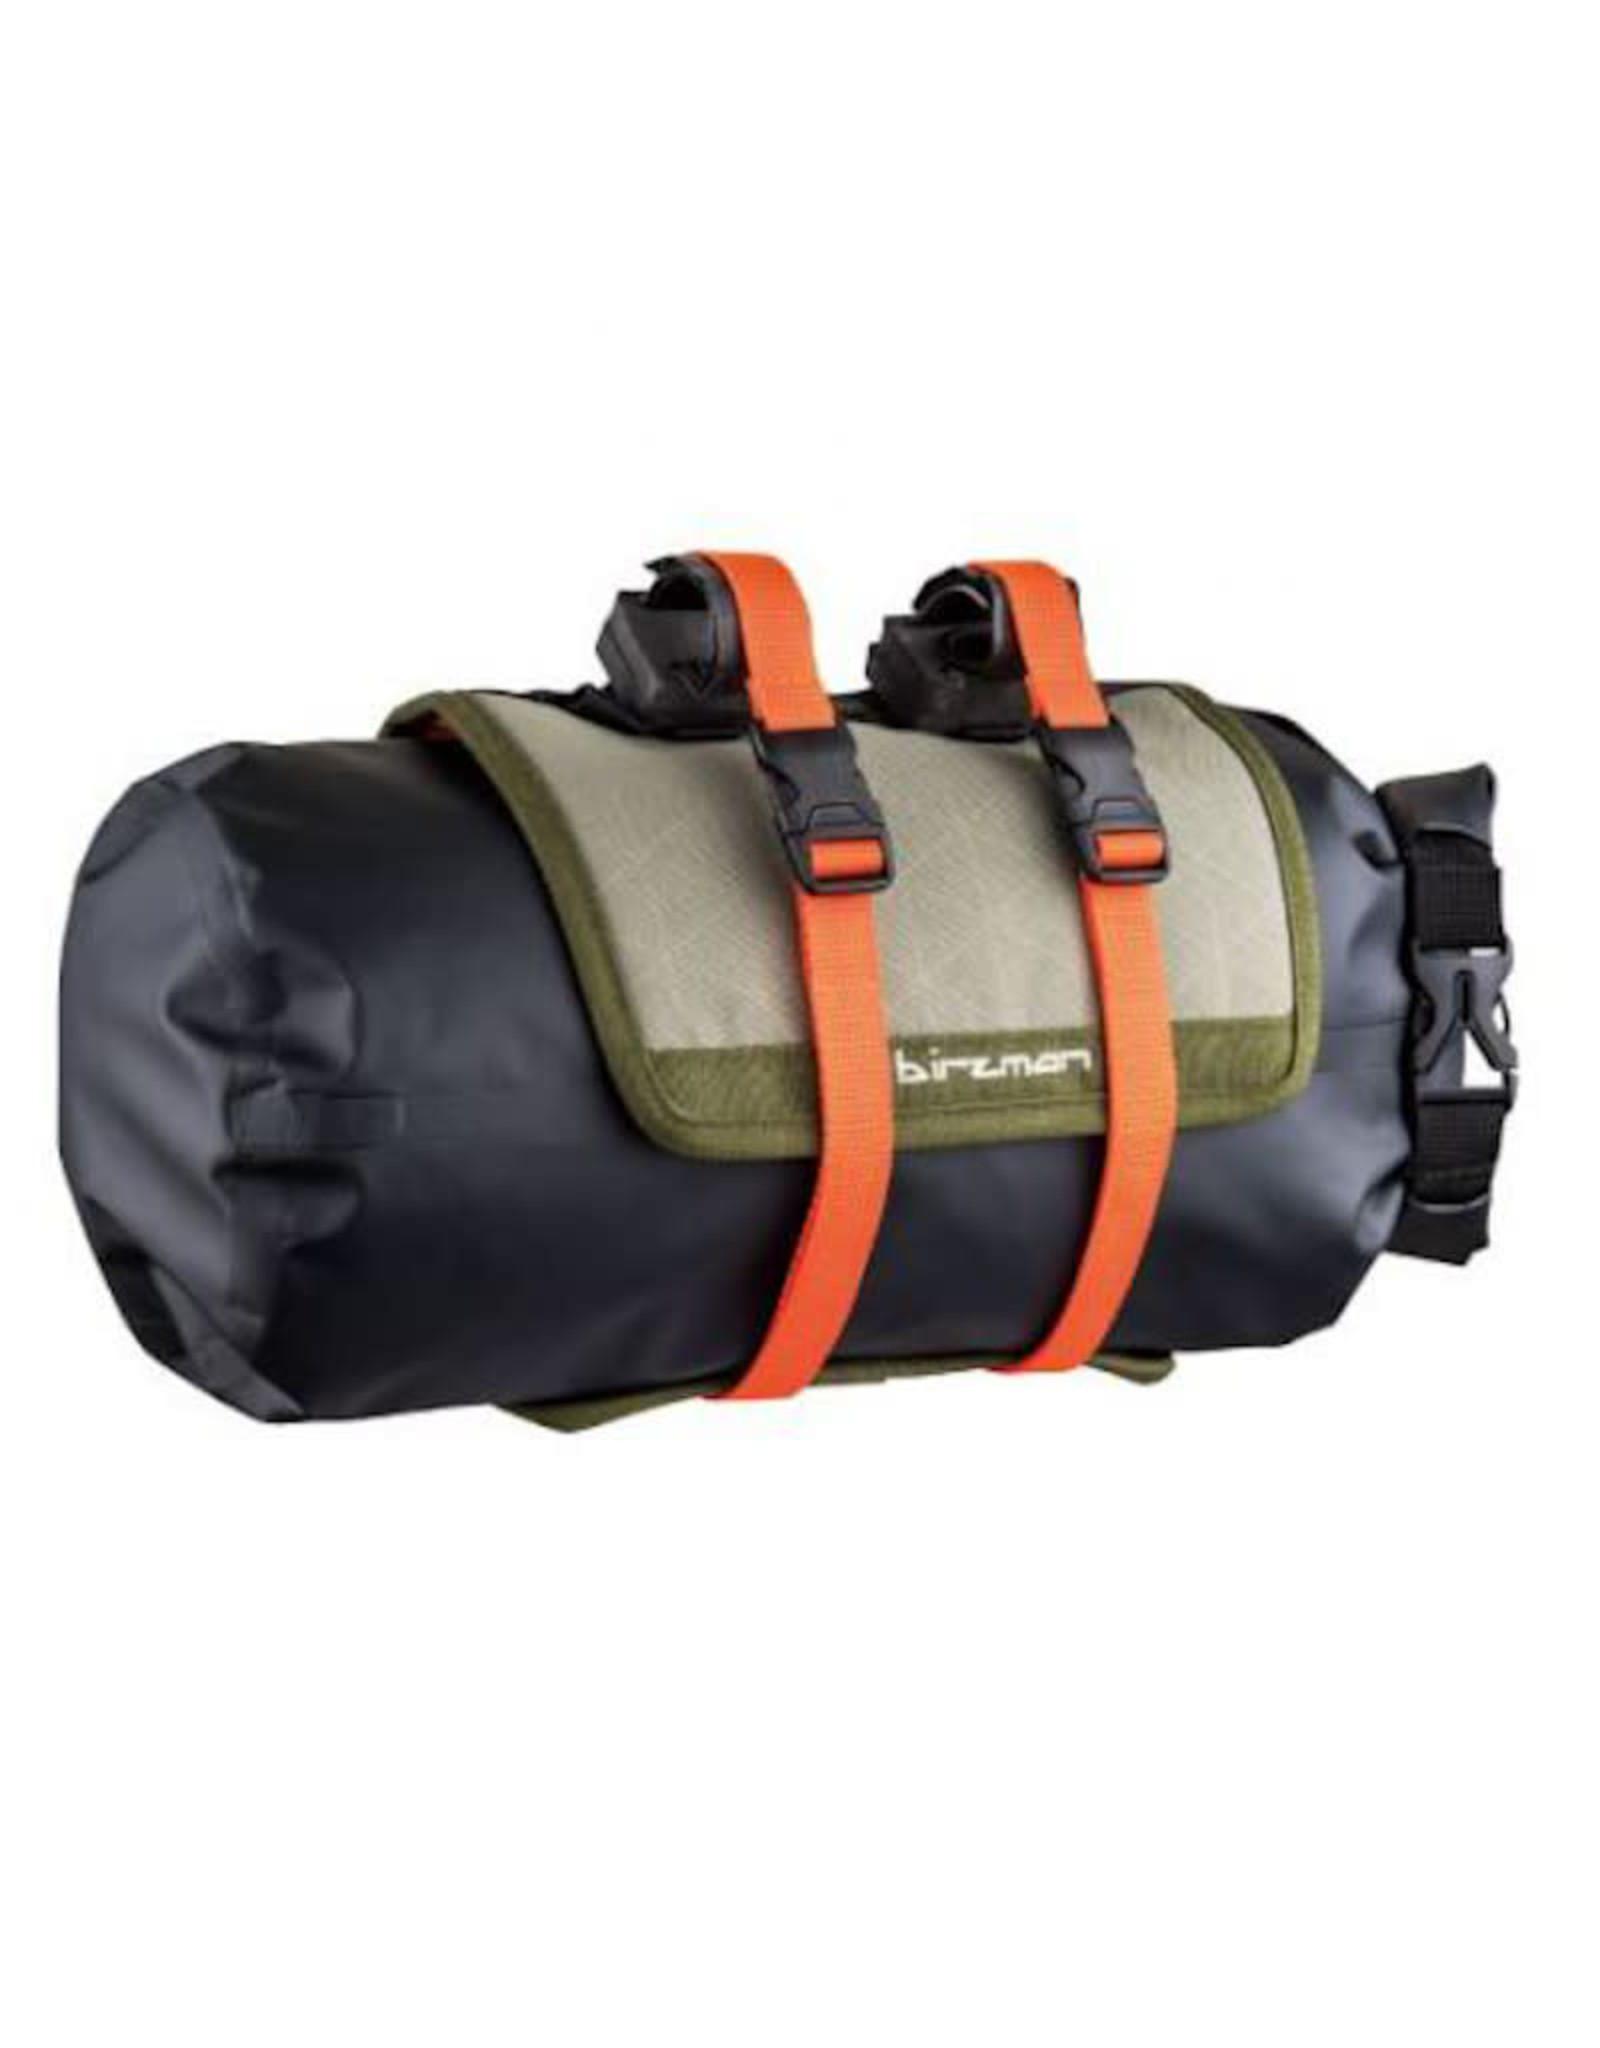 Birzman - Packman Travel, Sac de Guidon, Impermeable Tissu haute densite, 9.5L